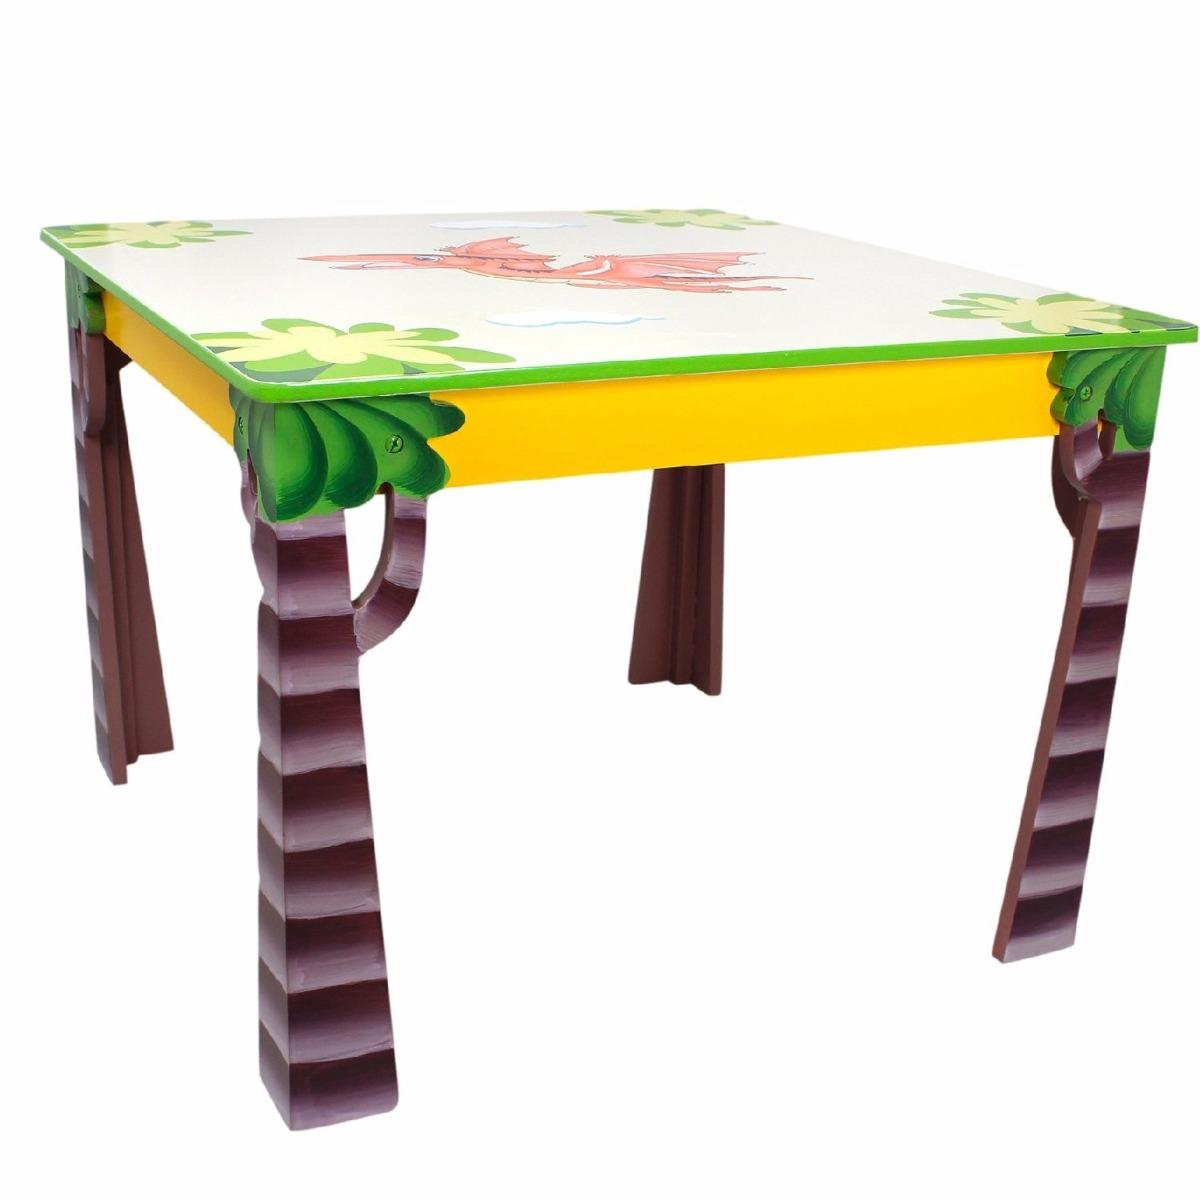 Mesita de madera infantil juego 2 sillas dise o - Mesita con sillas infantiles ...